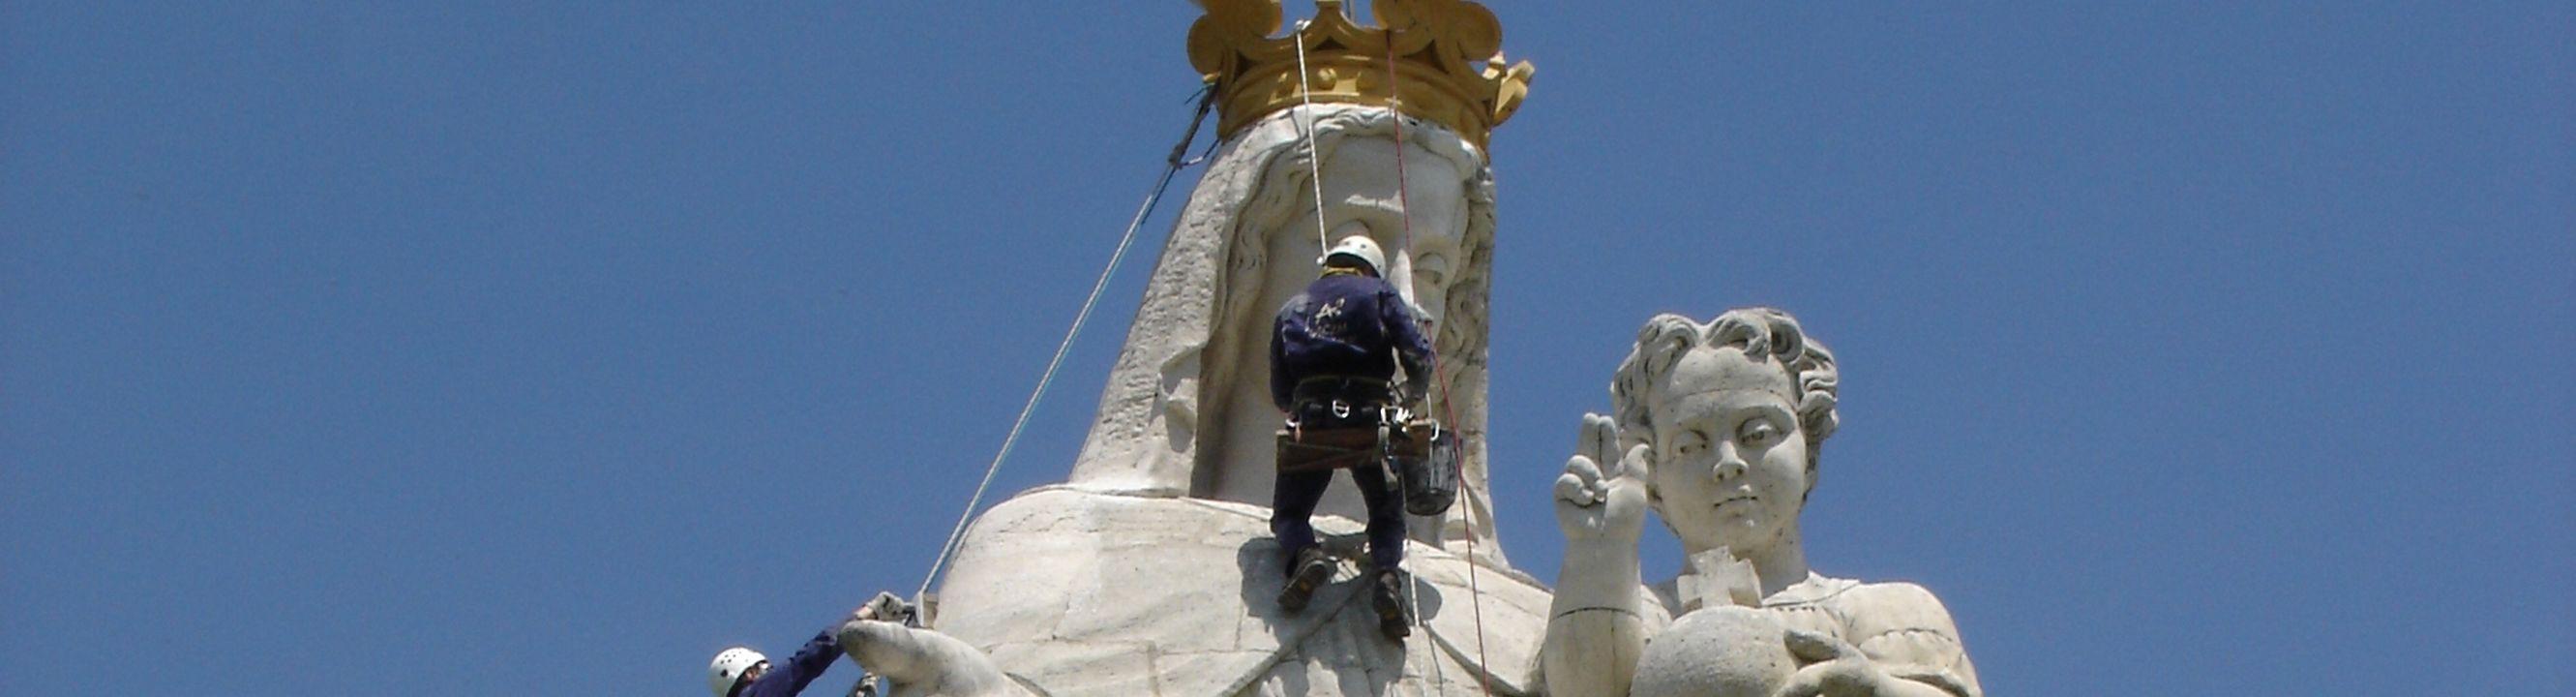 technicien cordiste urbain 06 maçonnerie peinture le cannet paca